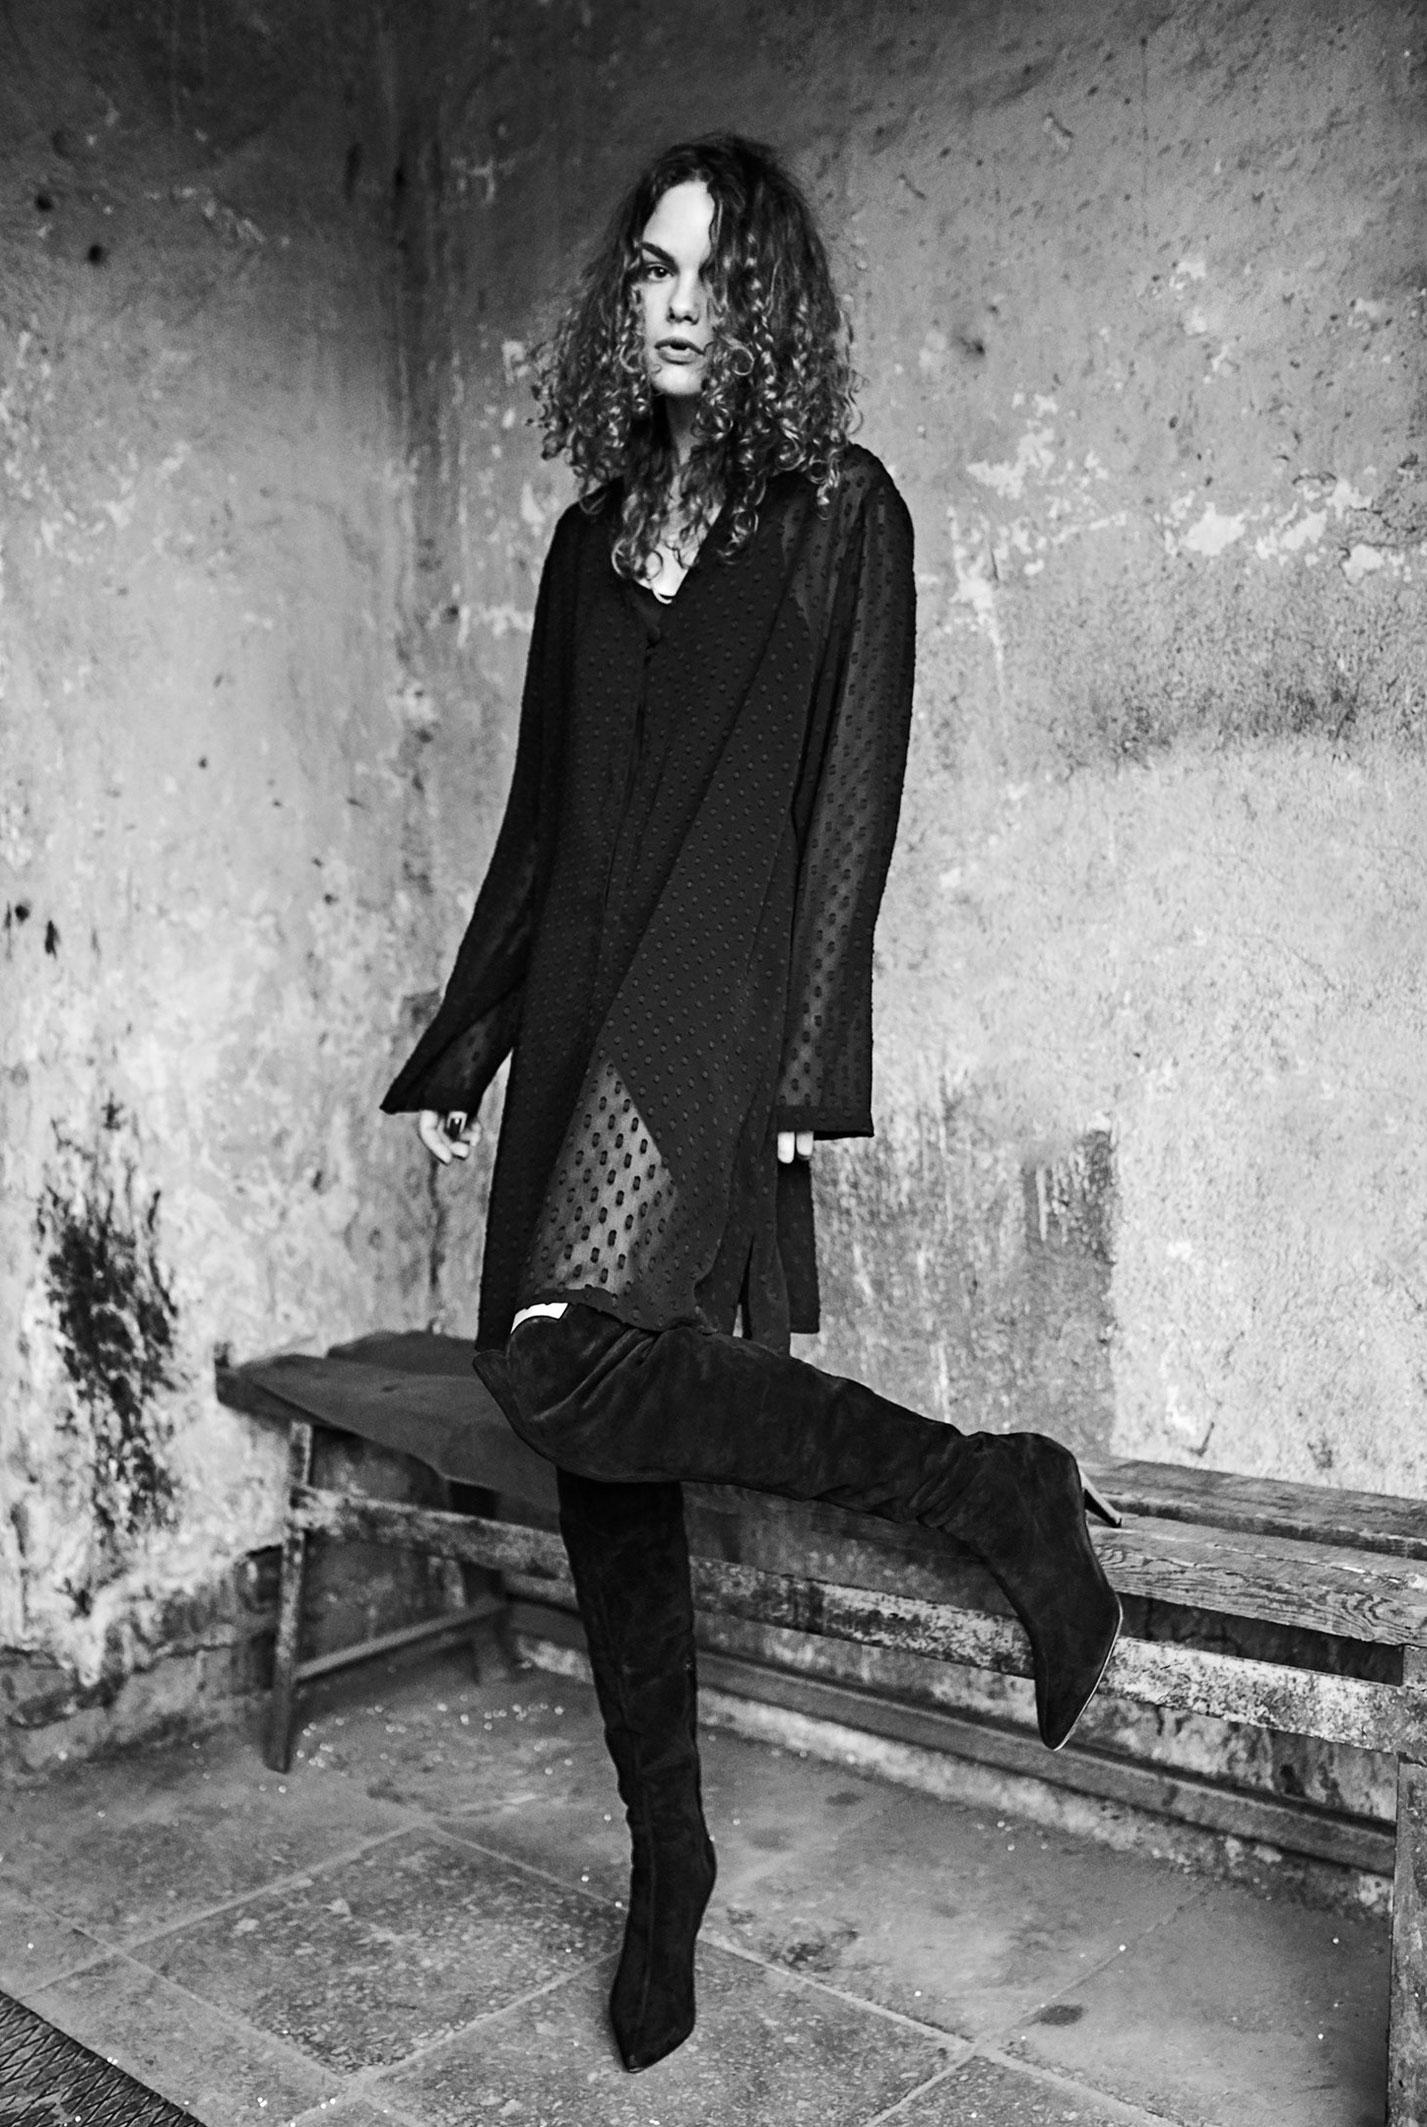 Модный показ в исполнении Юлии Кондрашовой / фото 07